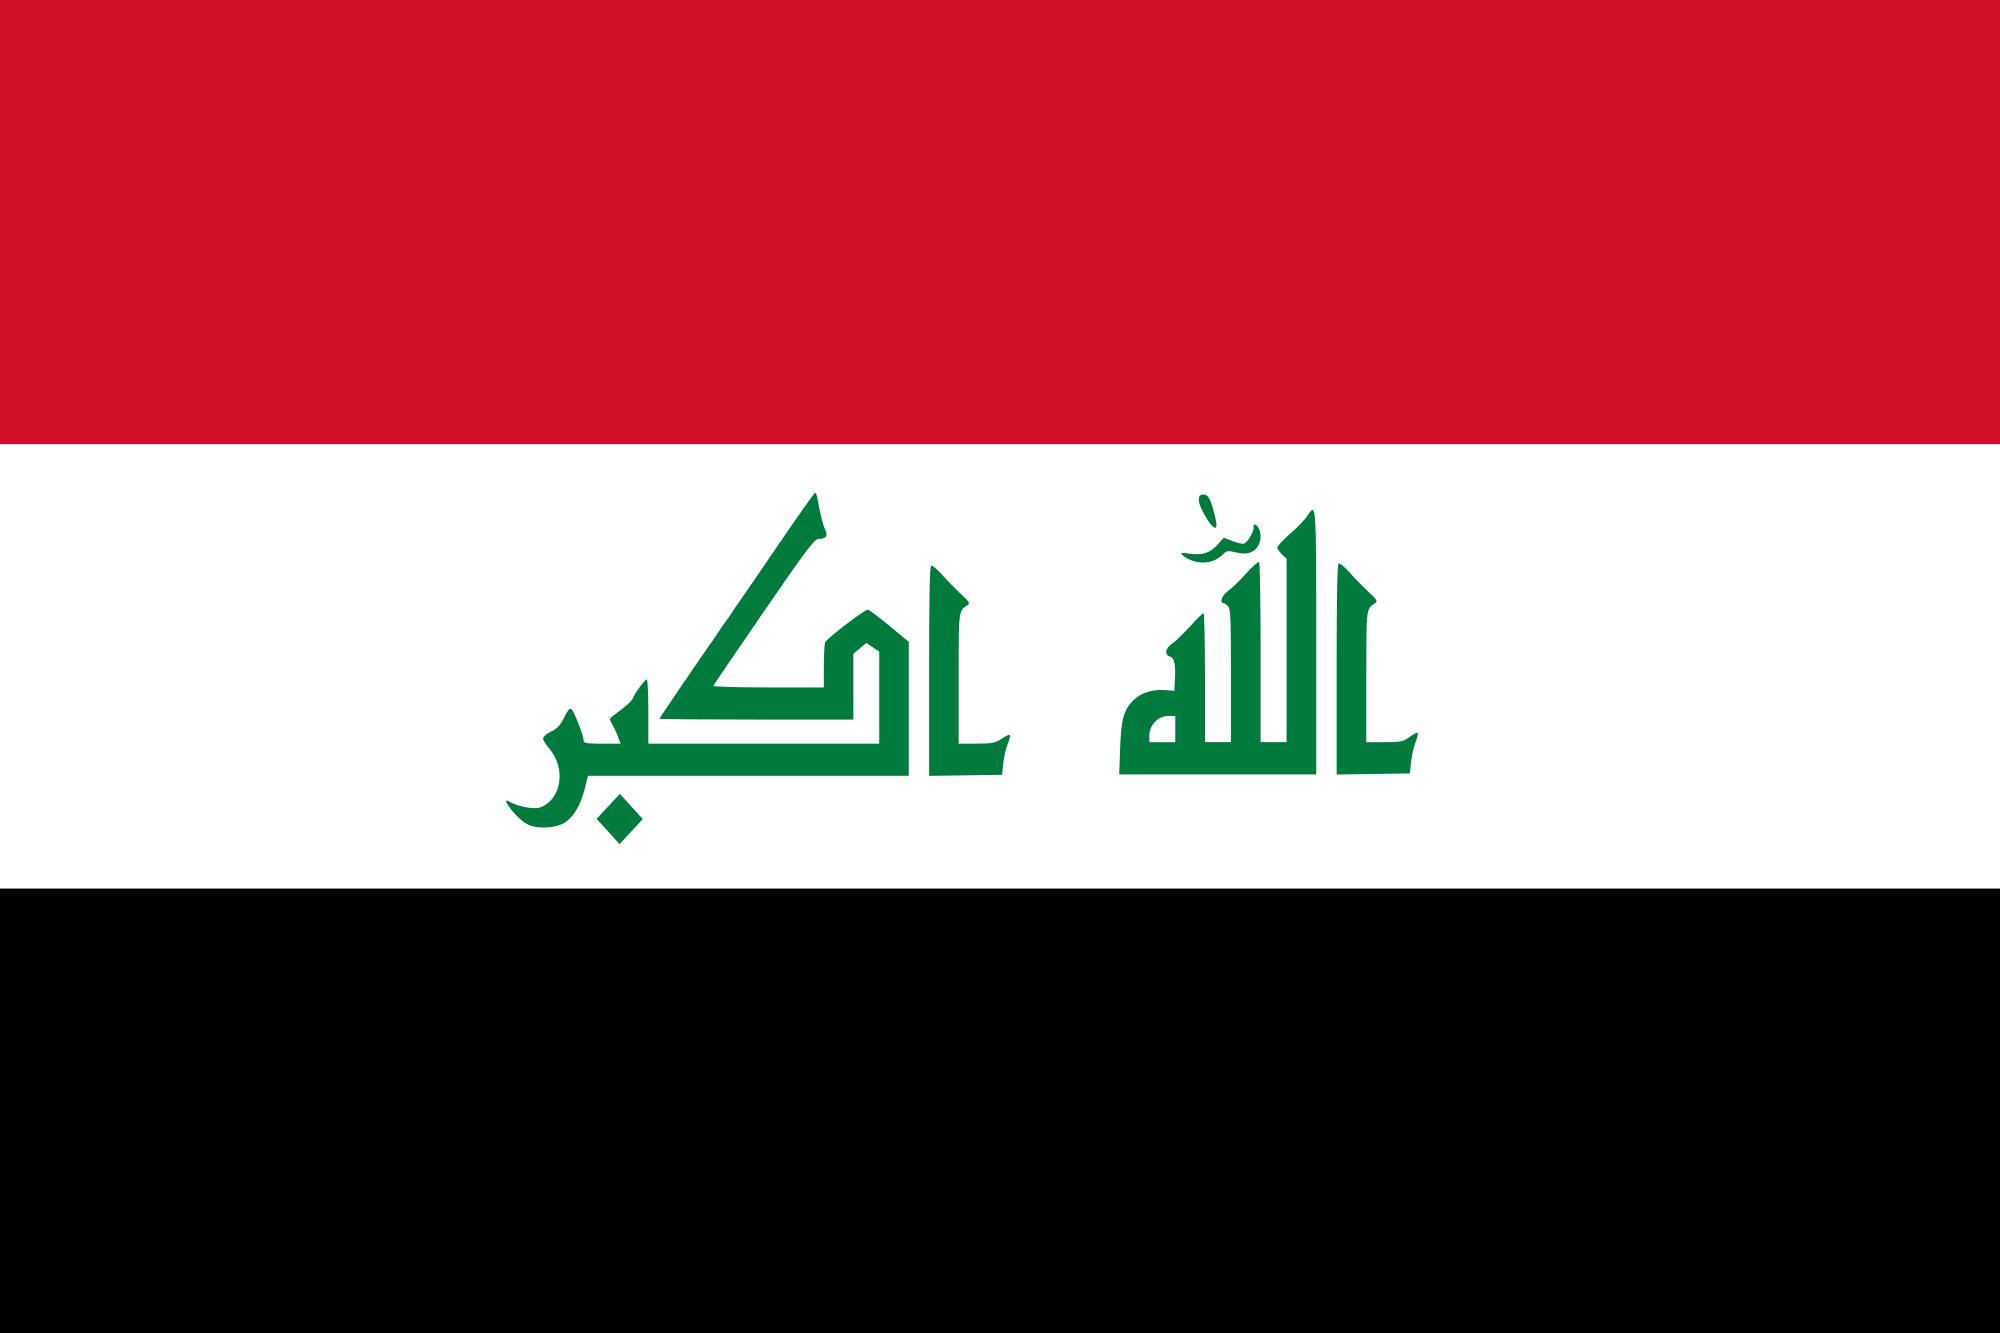 Uzun süredir IŞİD'in elindeydi, Irak geri aldı!